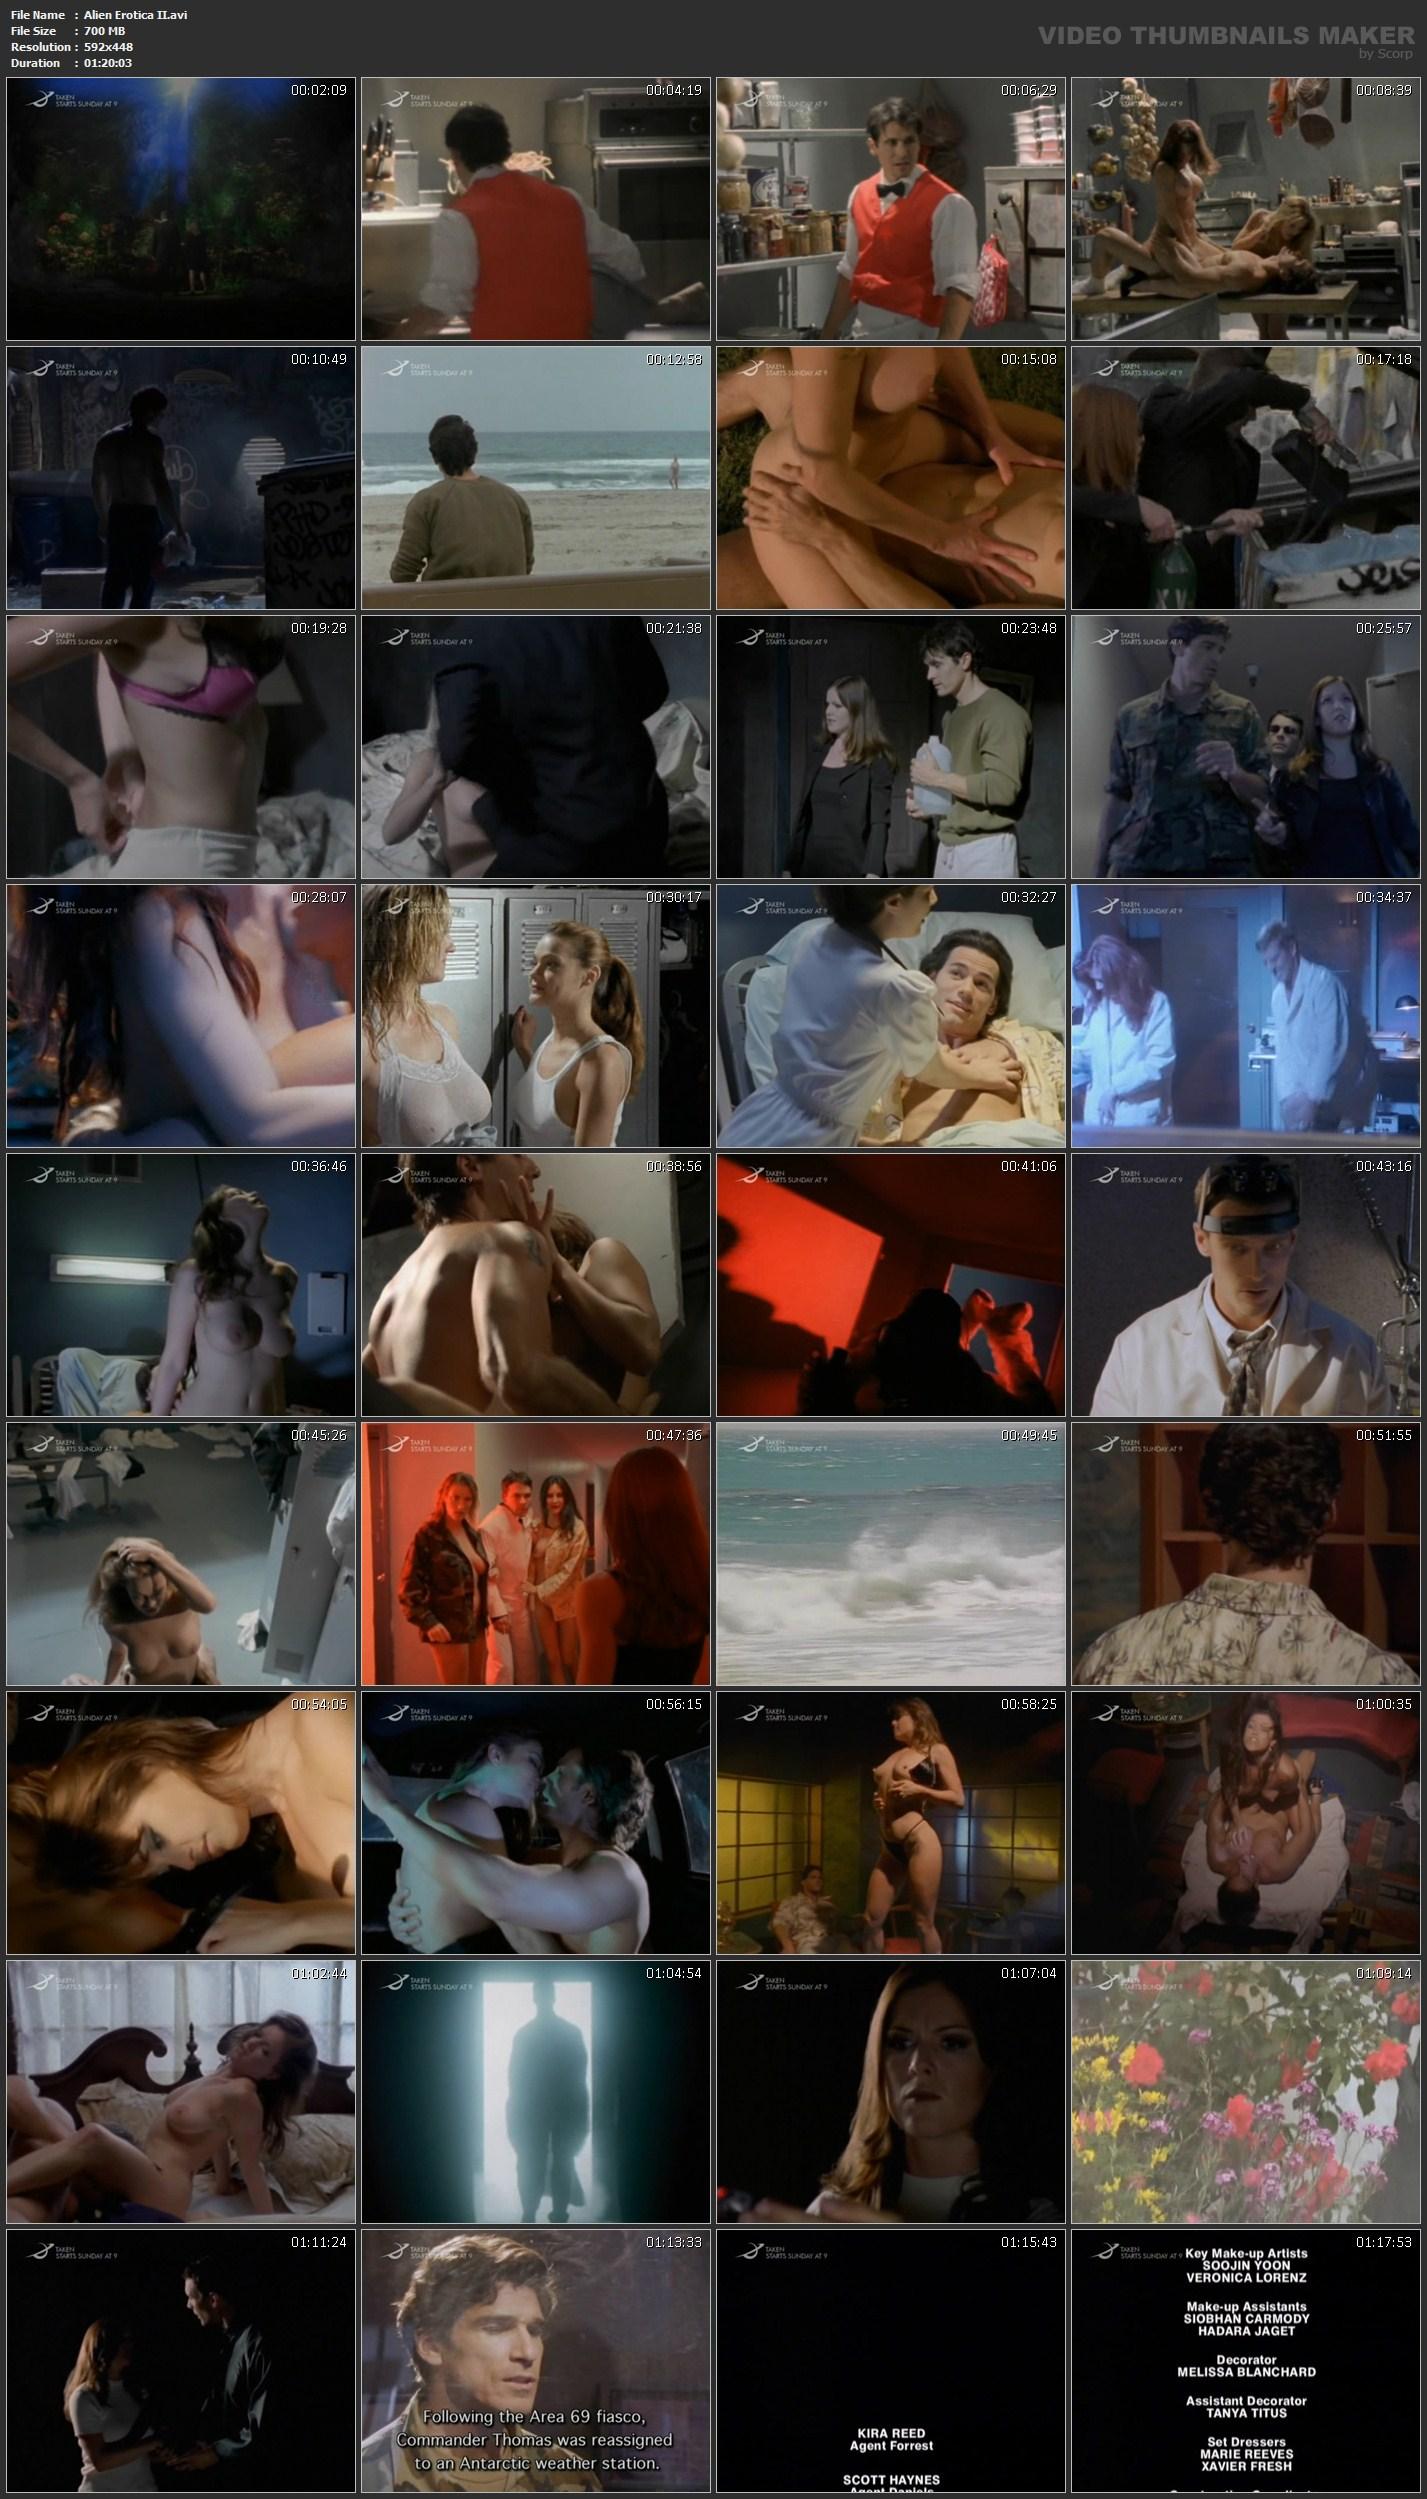 Sex files alien erotica download